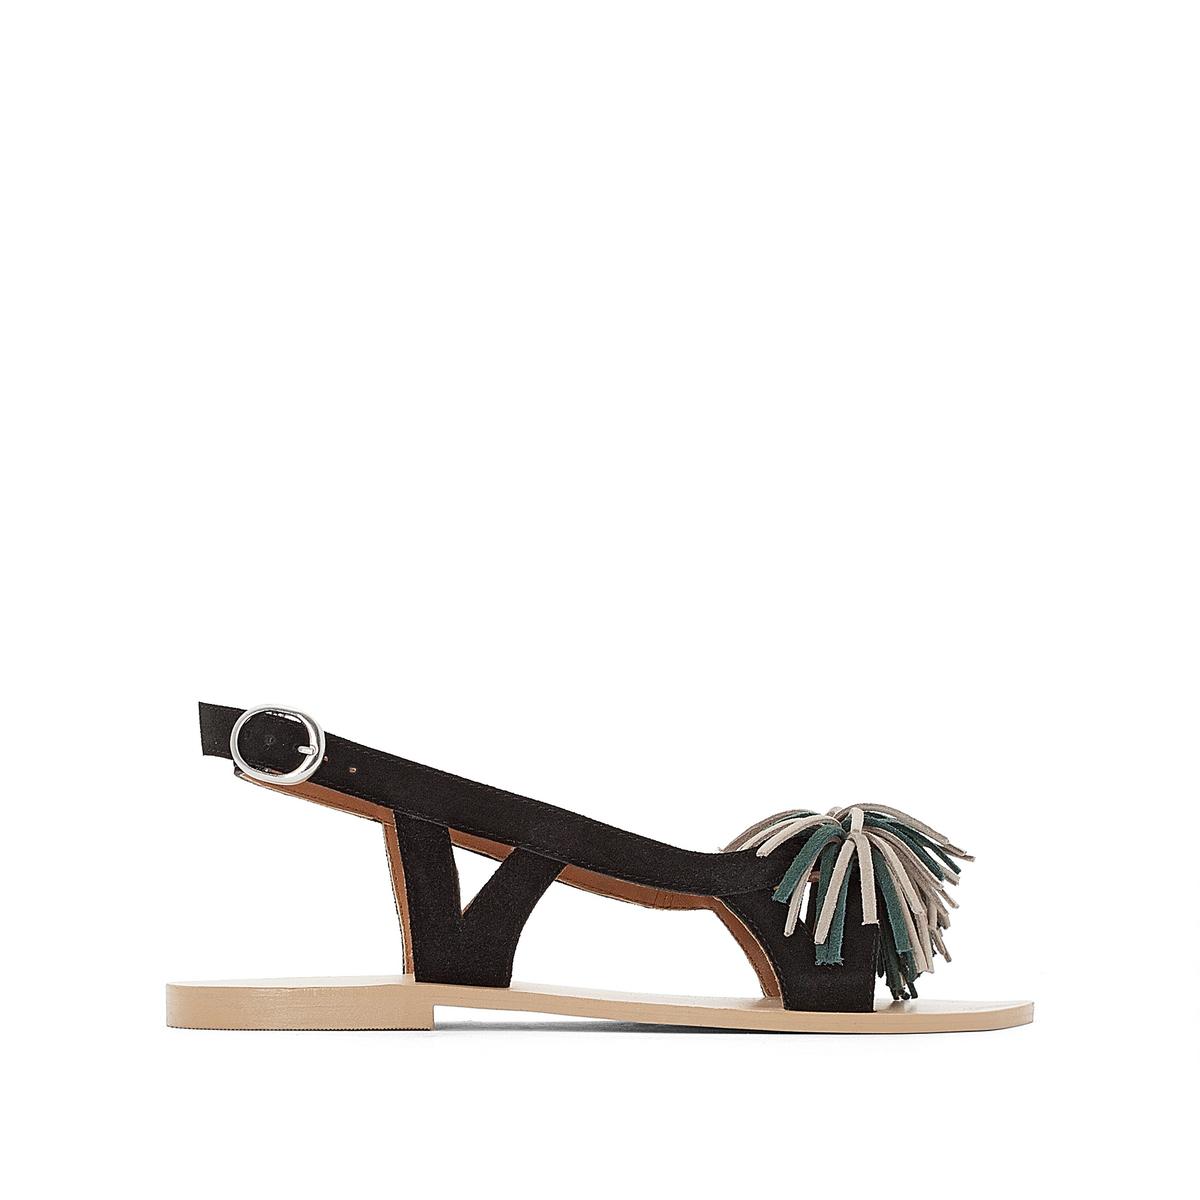 Сандалии кожаные с отделкой бахромой, для широкой стопы 38-45